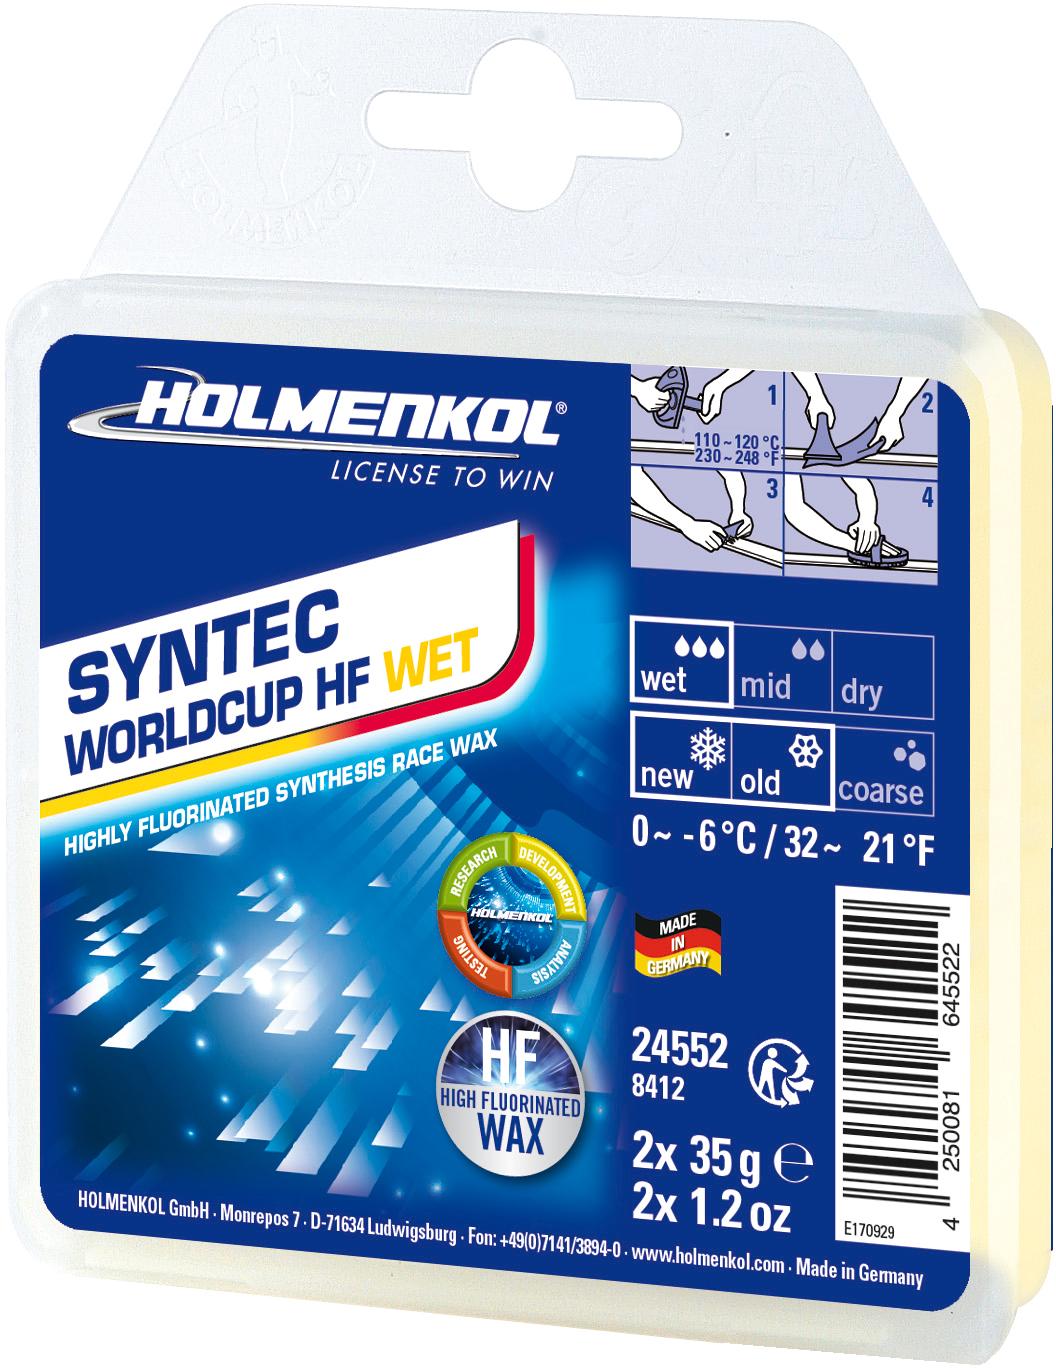 Holmenkol Мазь скольжения твердая для лыж и сноубордов HOLMENKOL Syntec WorldCup HF WET